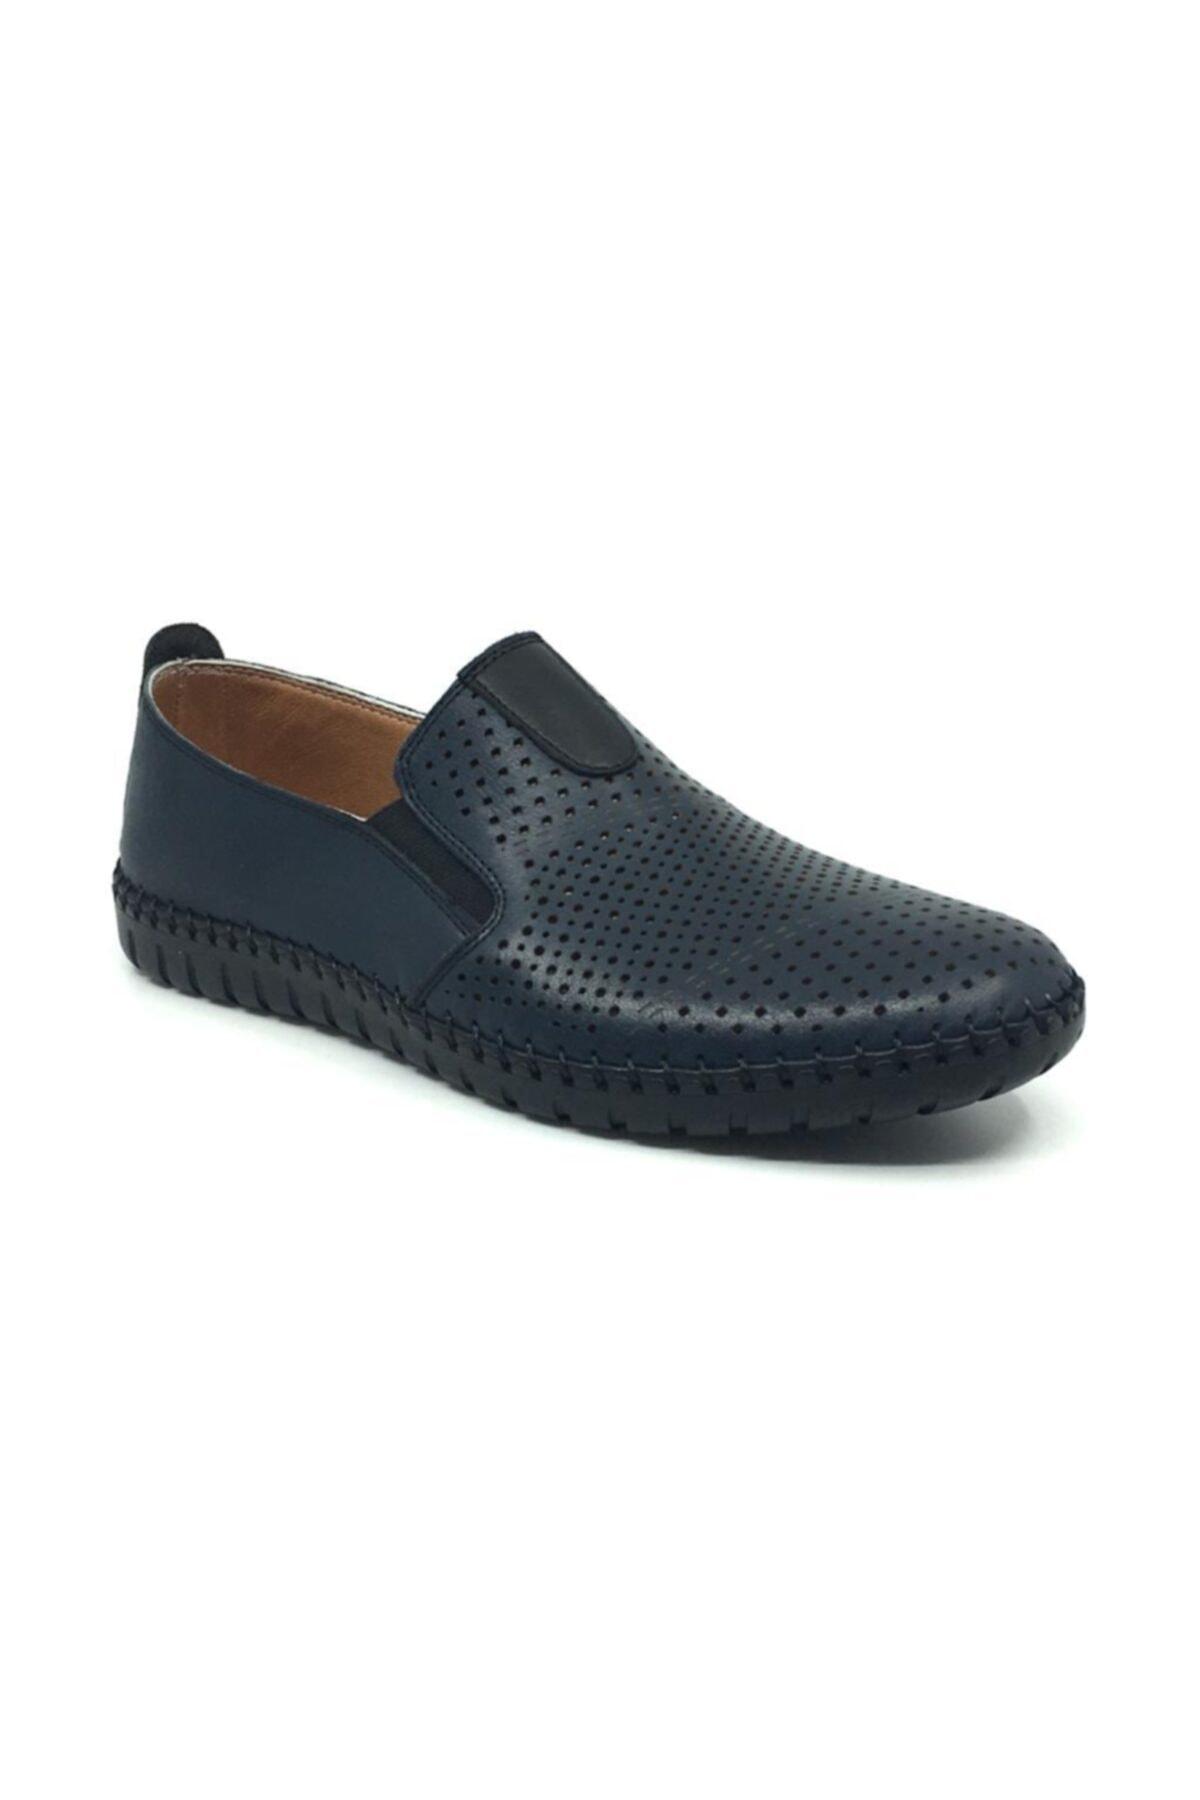 Taşpınar Erkek Lacivert Bağcıksız Yazlık Rahat Casual Ayakkabı 1